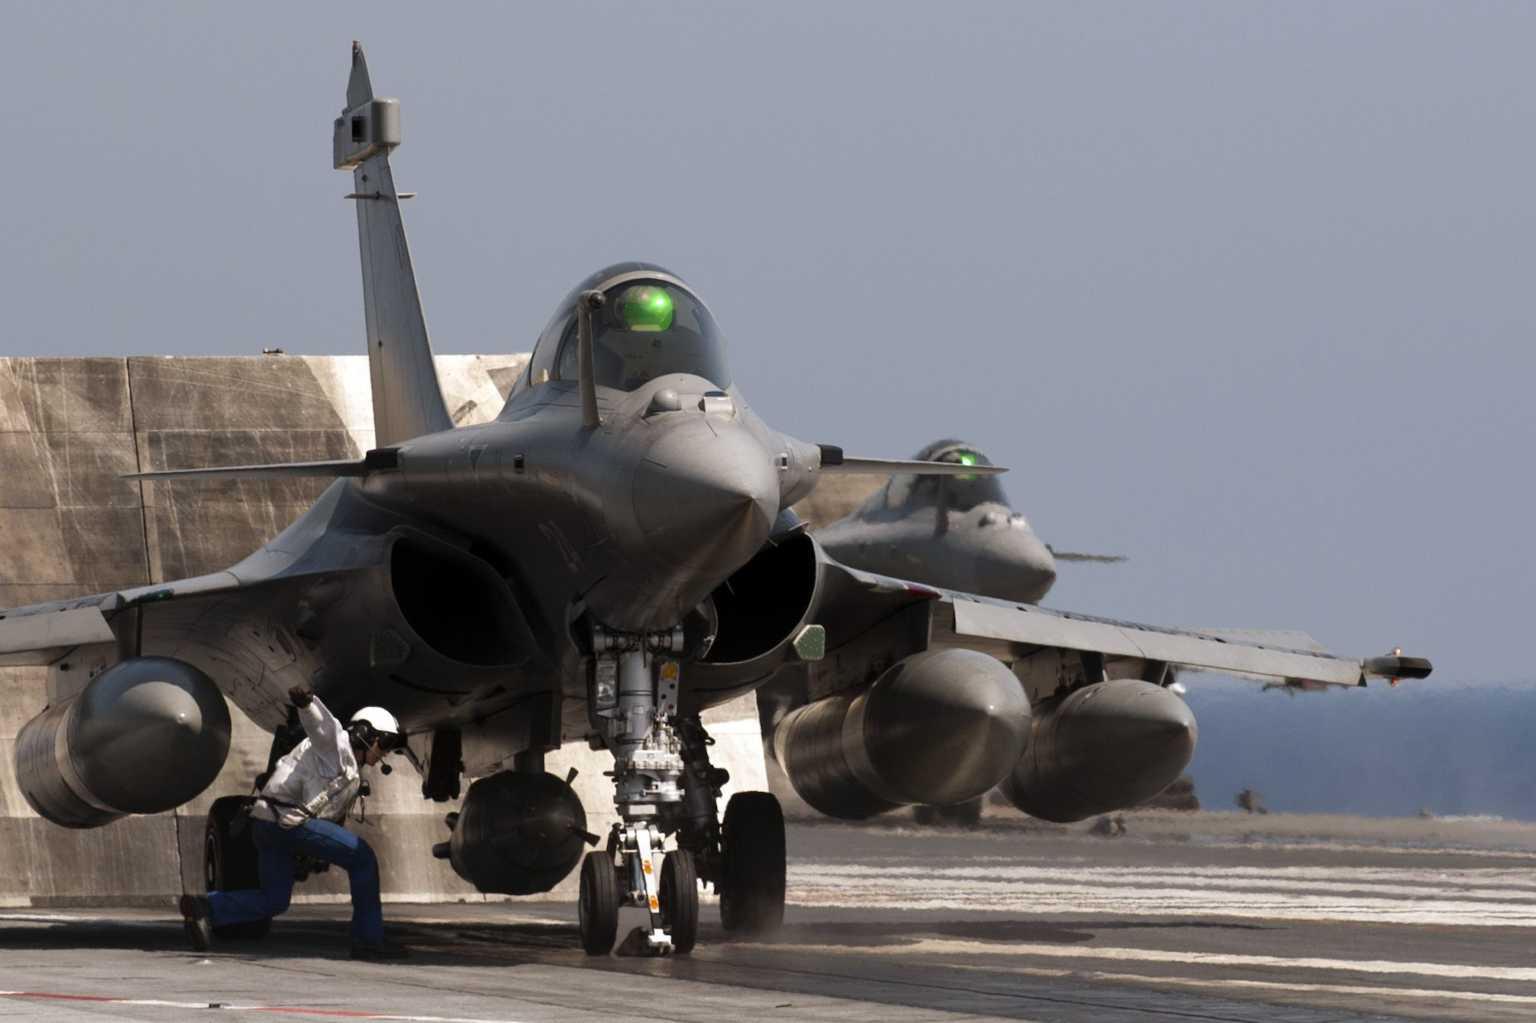 Γαλλία για Rafale: Πρώτα από όλα η Ελλάδα – Τότε θα είναι έτοιμοι οι Έλληνες πιλότοι